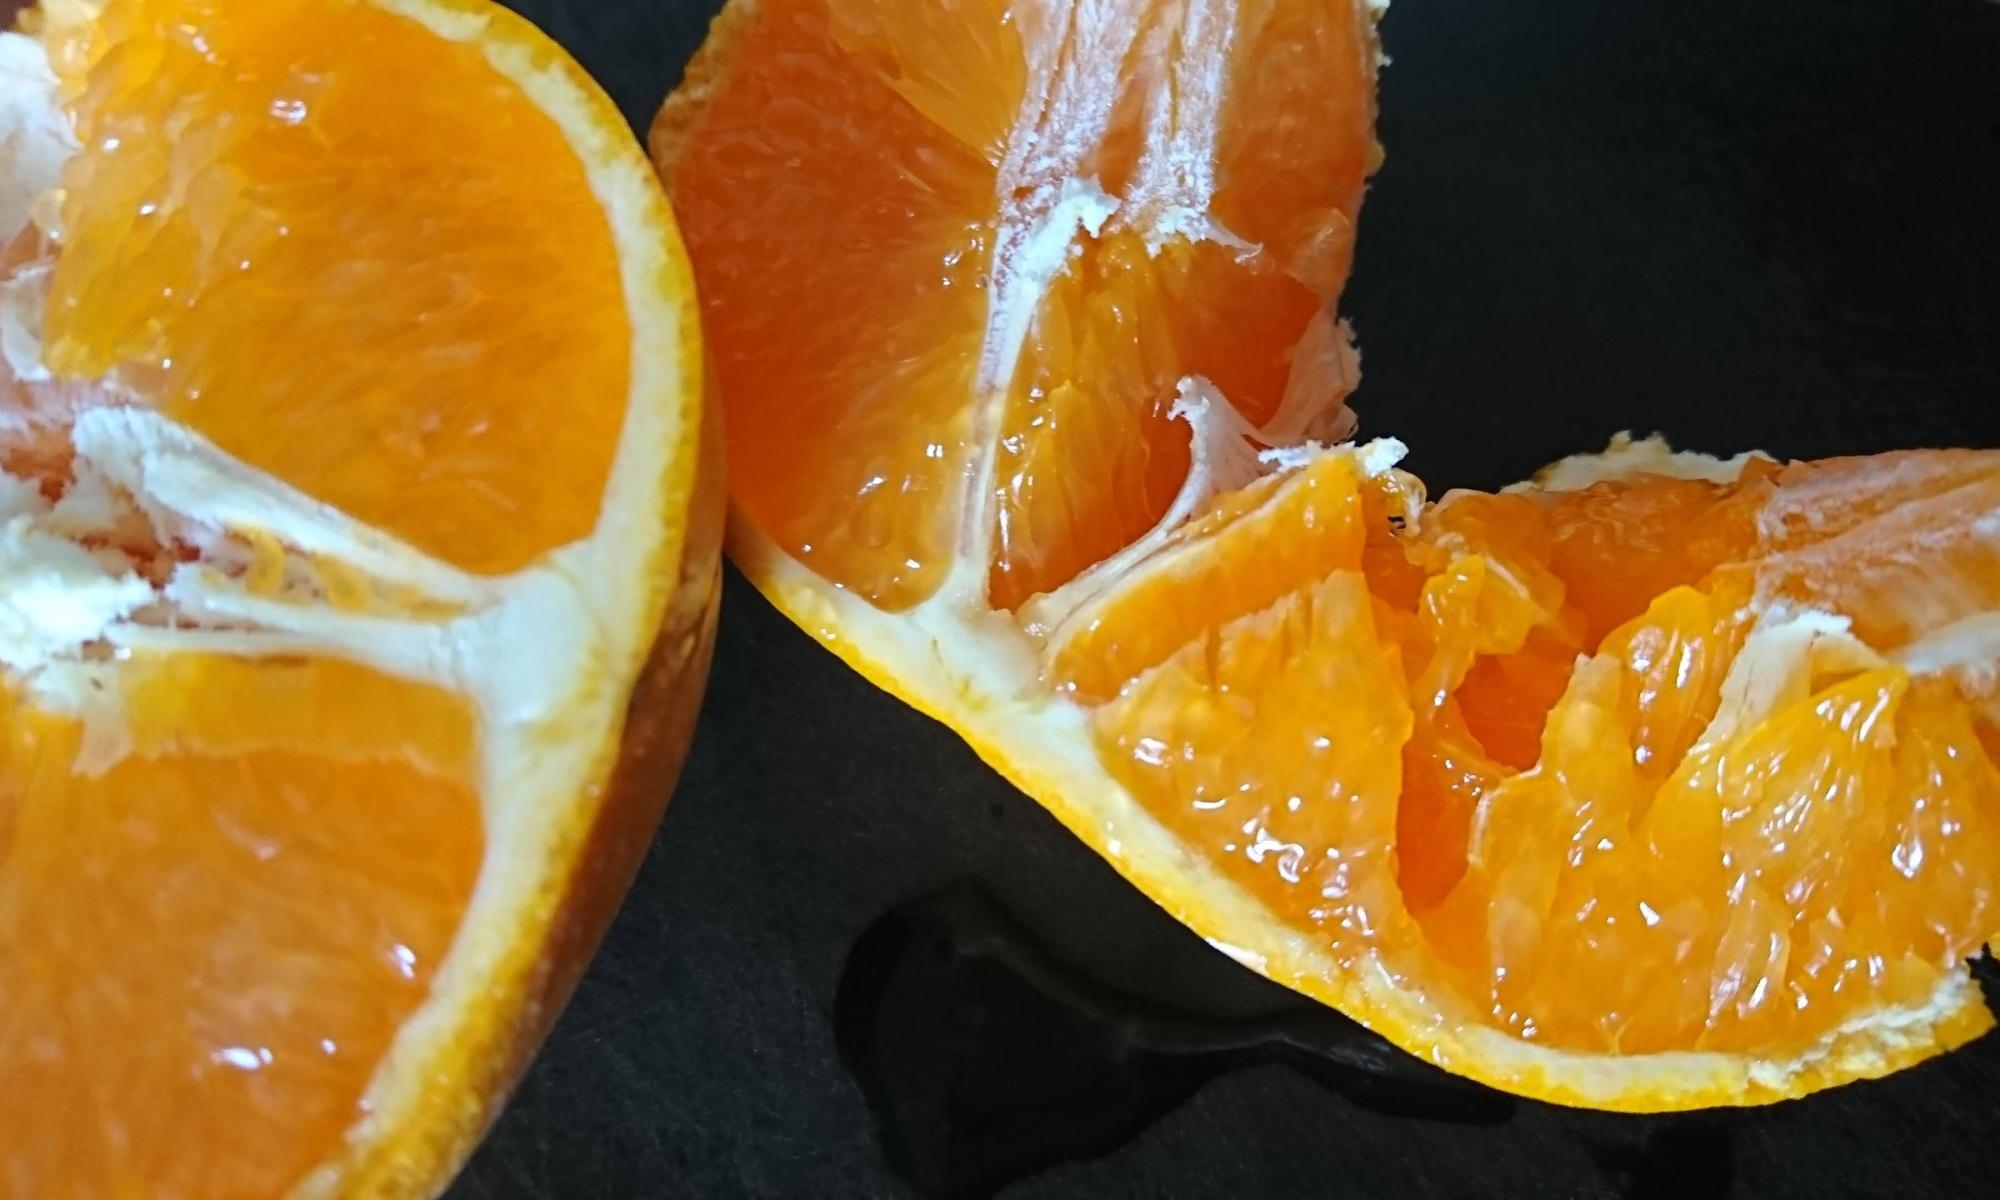 果汁が滴る半分に割った清見オレンジ